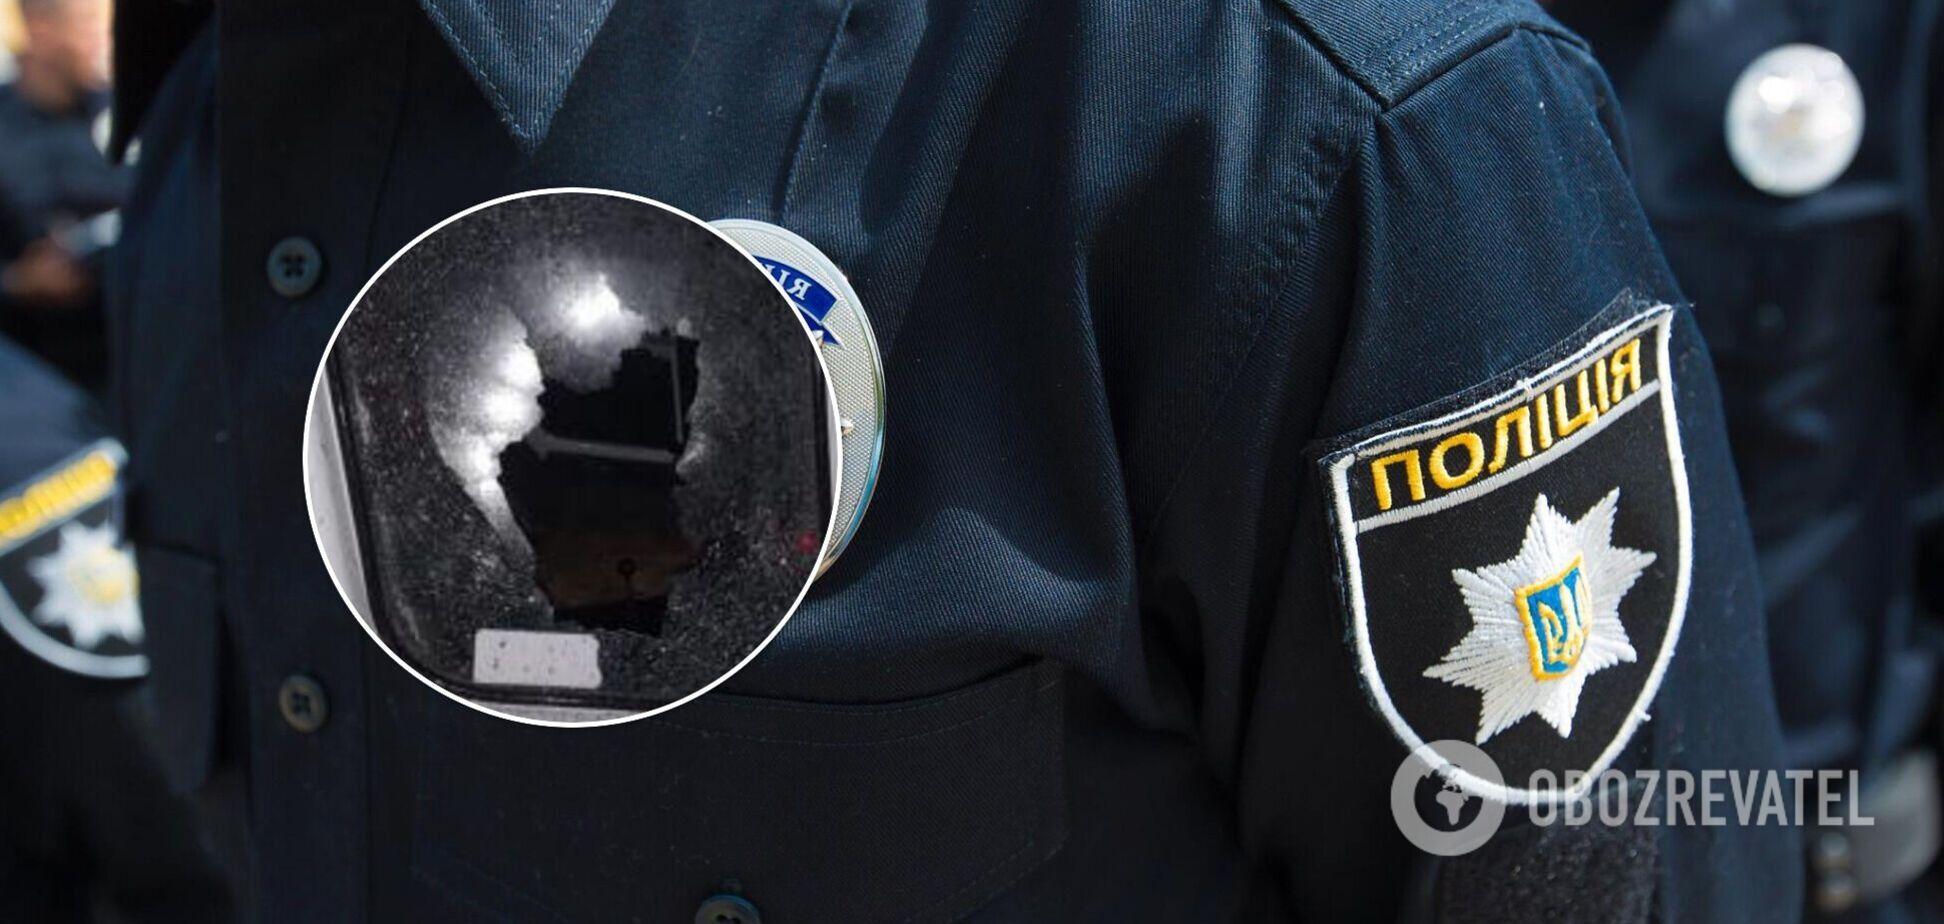 На Херсонщине возле дома депутата прогремел взрыв. Фото